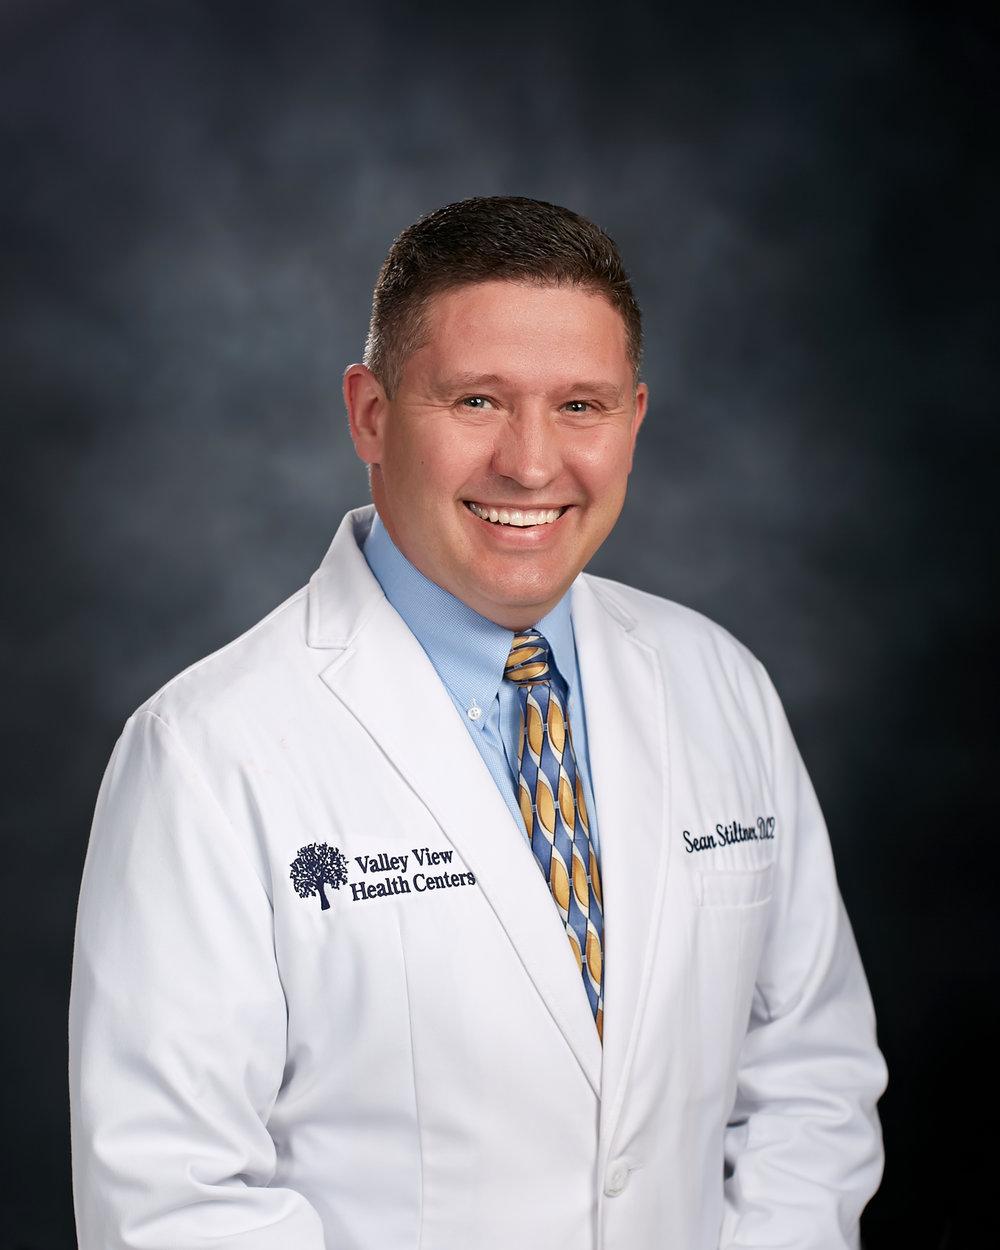 Dr-Stiltner 2.jpg